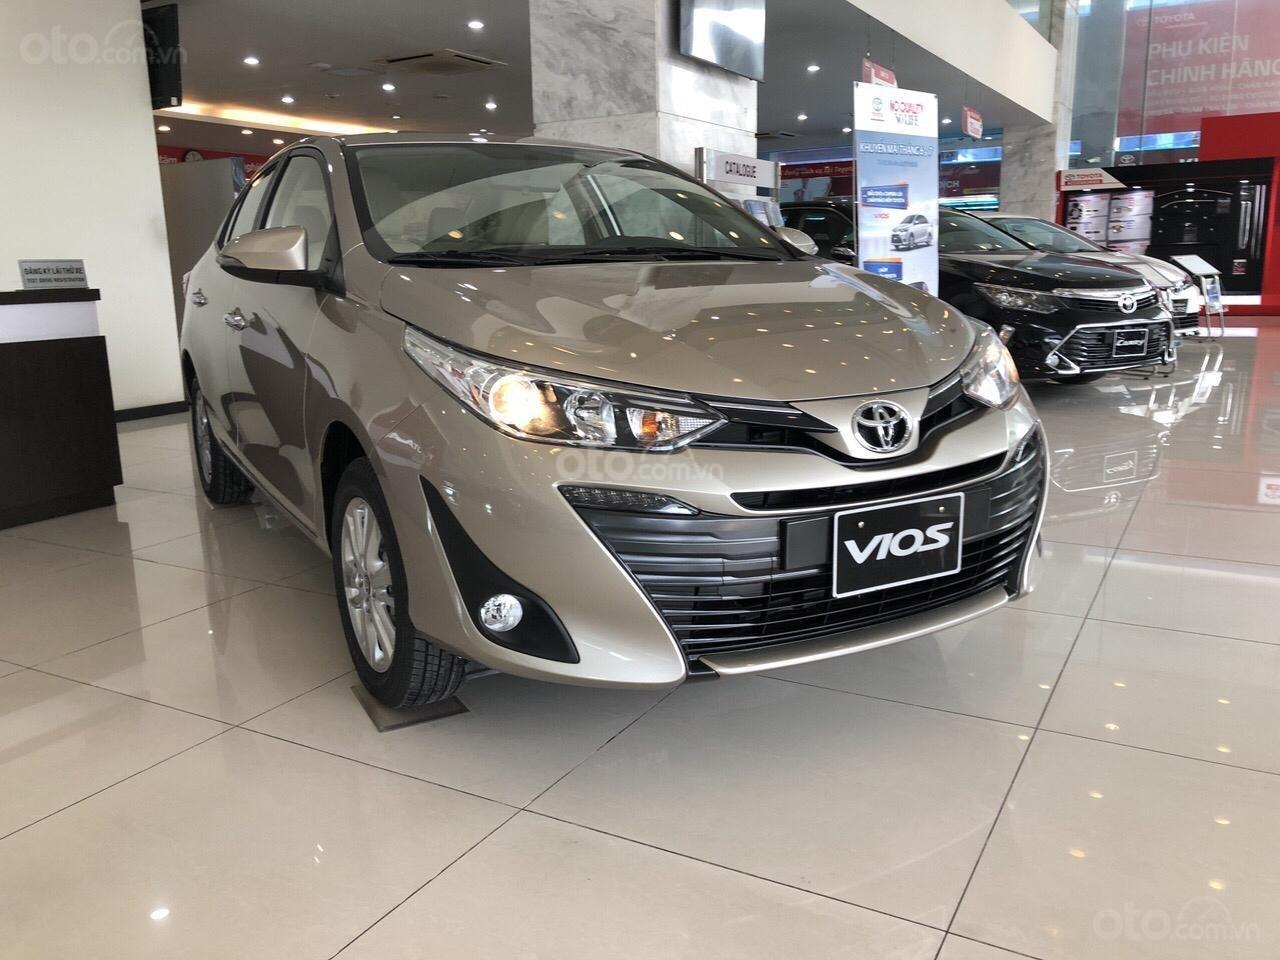 Toyota Hùng Vương giảm giá cực lớn xe Toyota Vios G, giảm tiền mặt, bảo hiểm, phụ kiện, gọi ngay 0938.47.27.59 Mr Hiếu-0